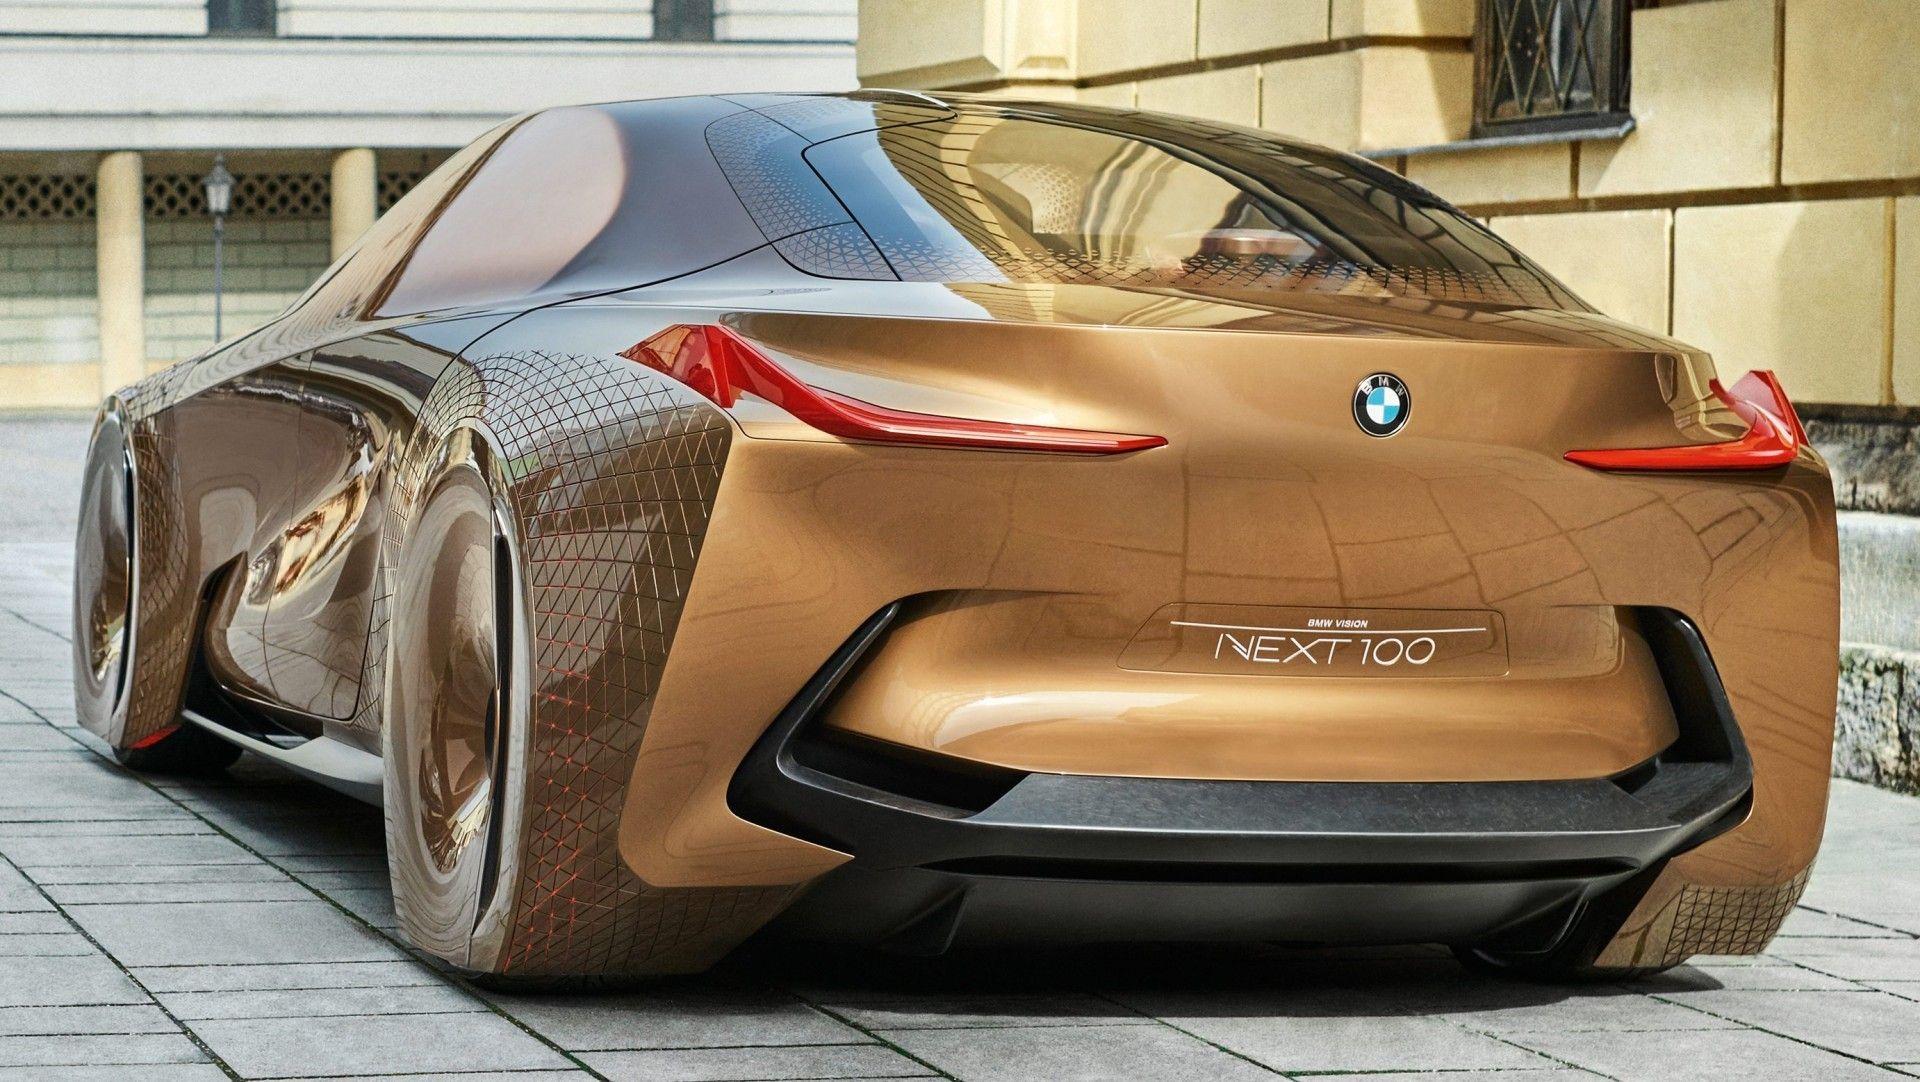 Αποτέλεσμα εικόνας για This is the BMW Vision Next 100!